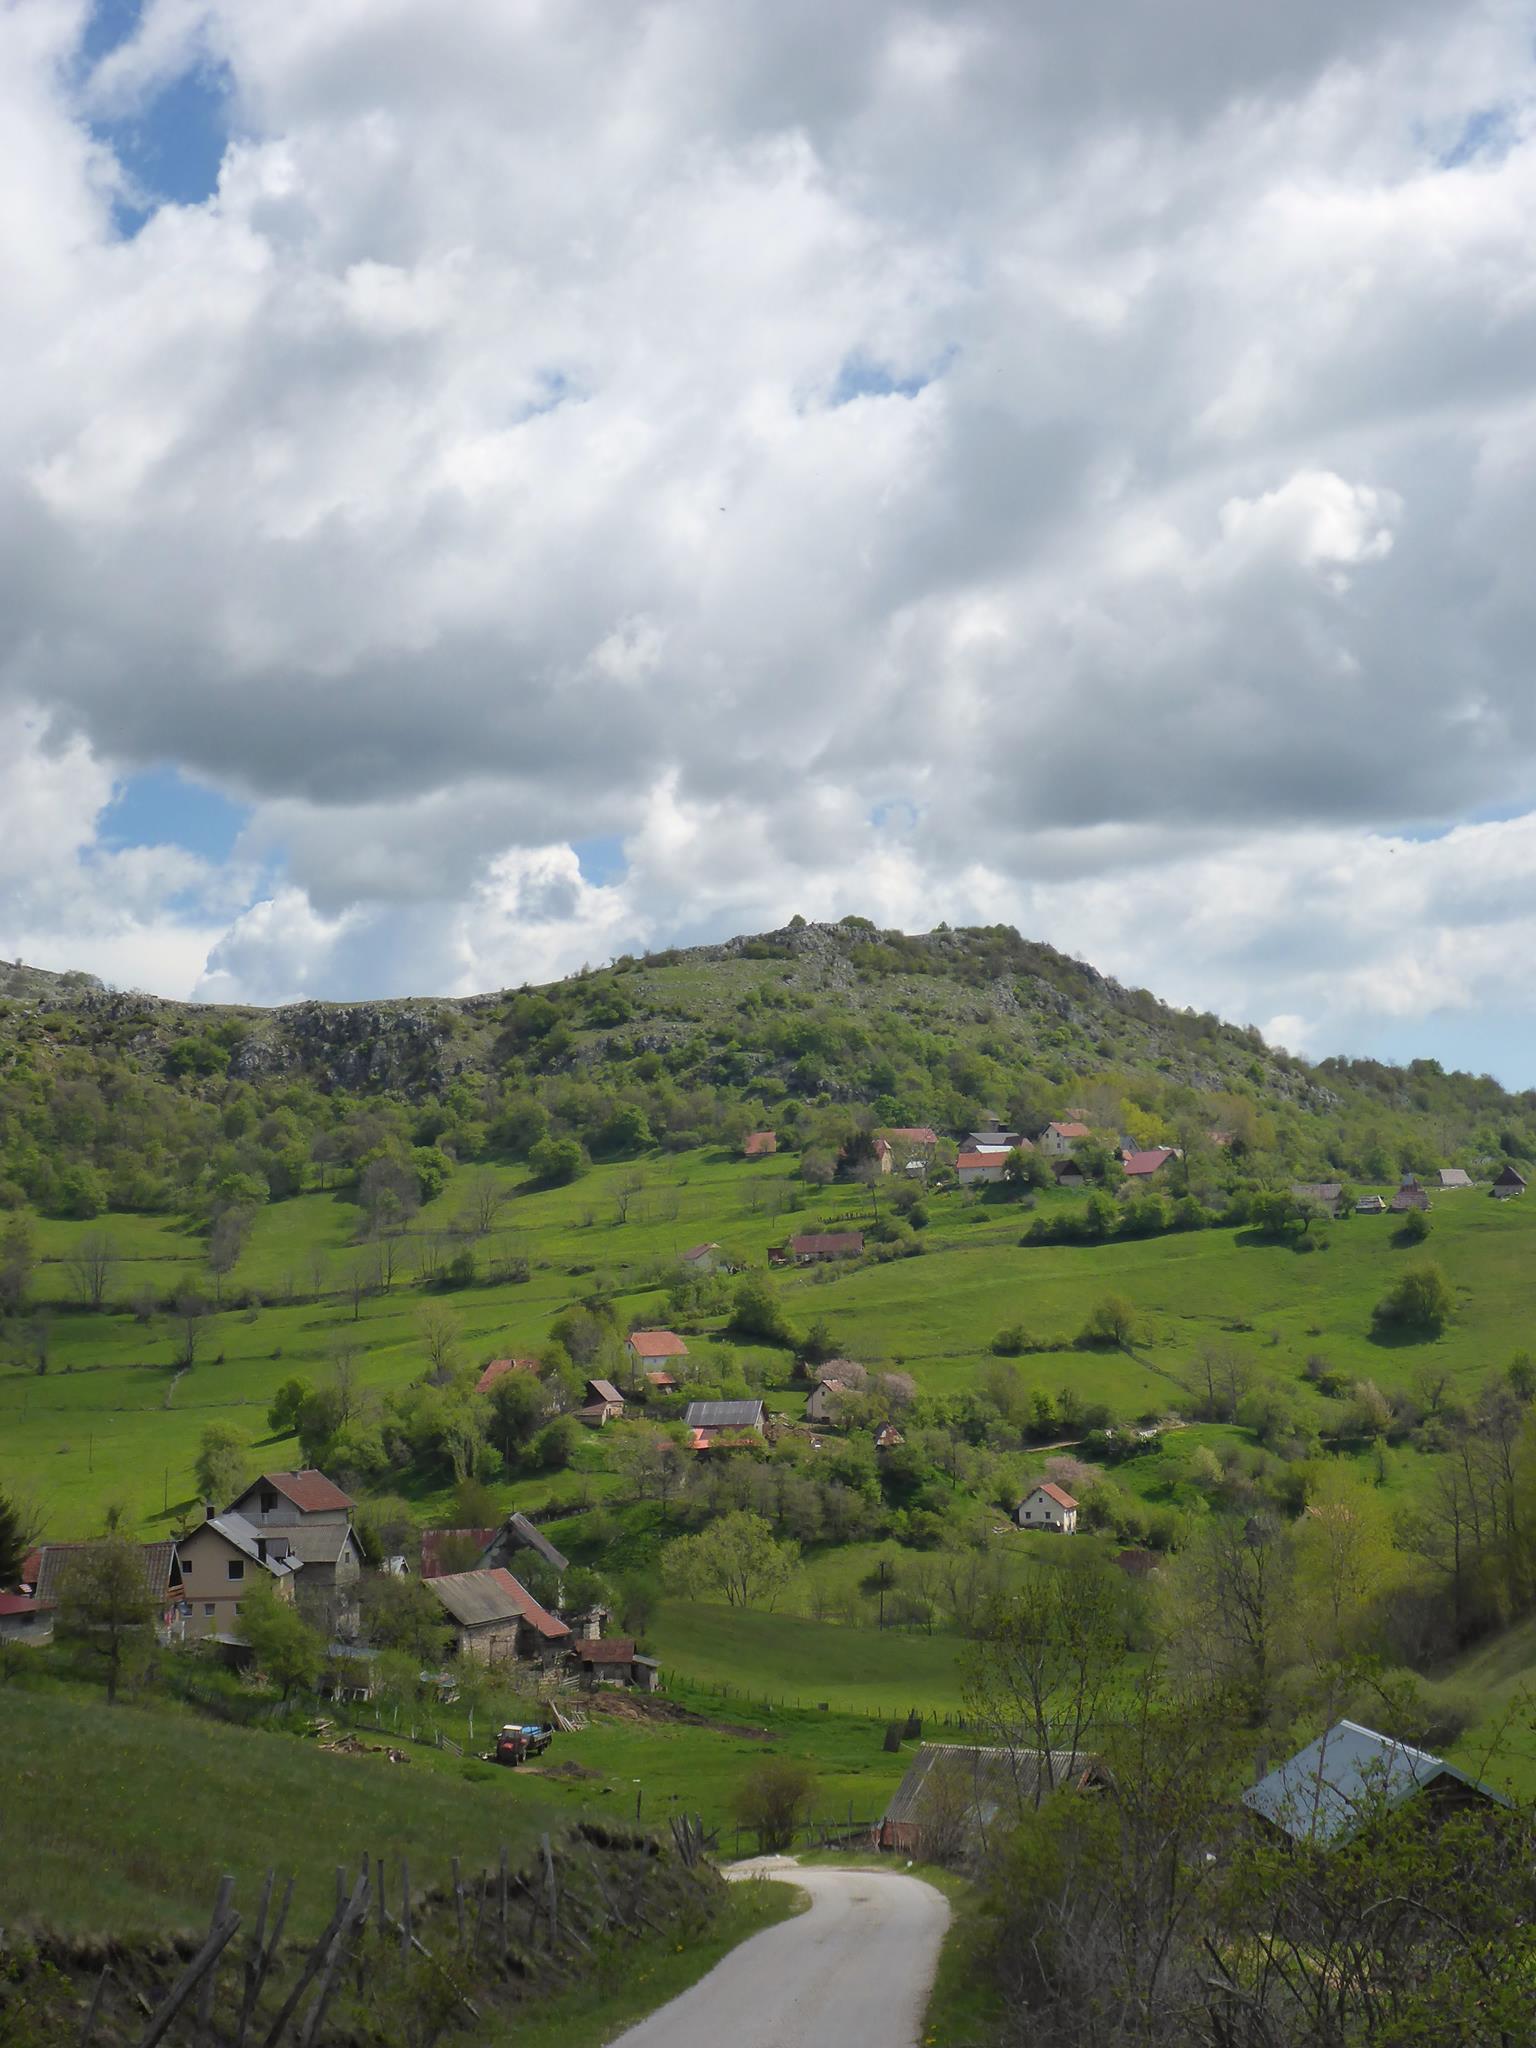 J'arrive enfin à mon premier village bosniaque